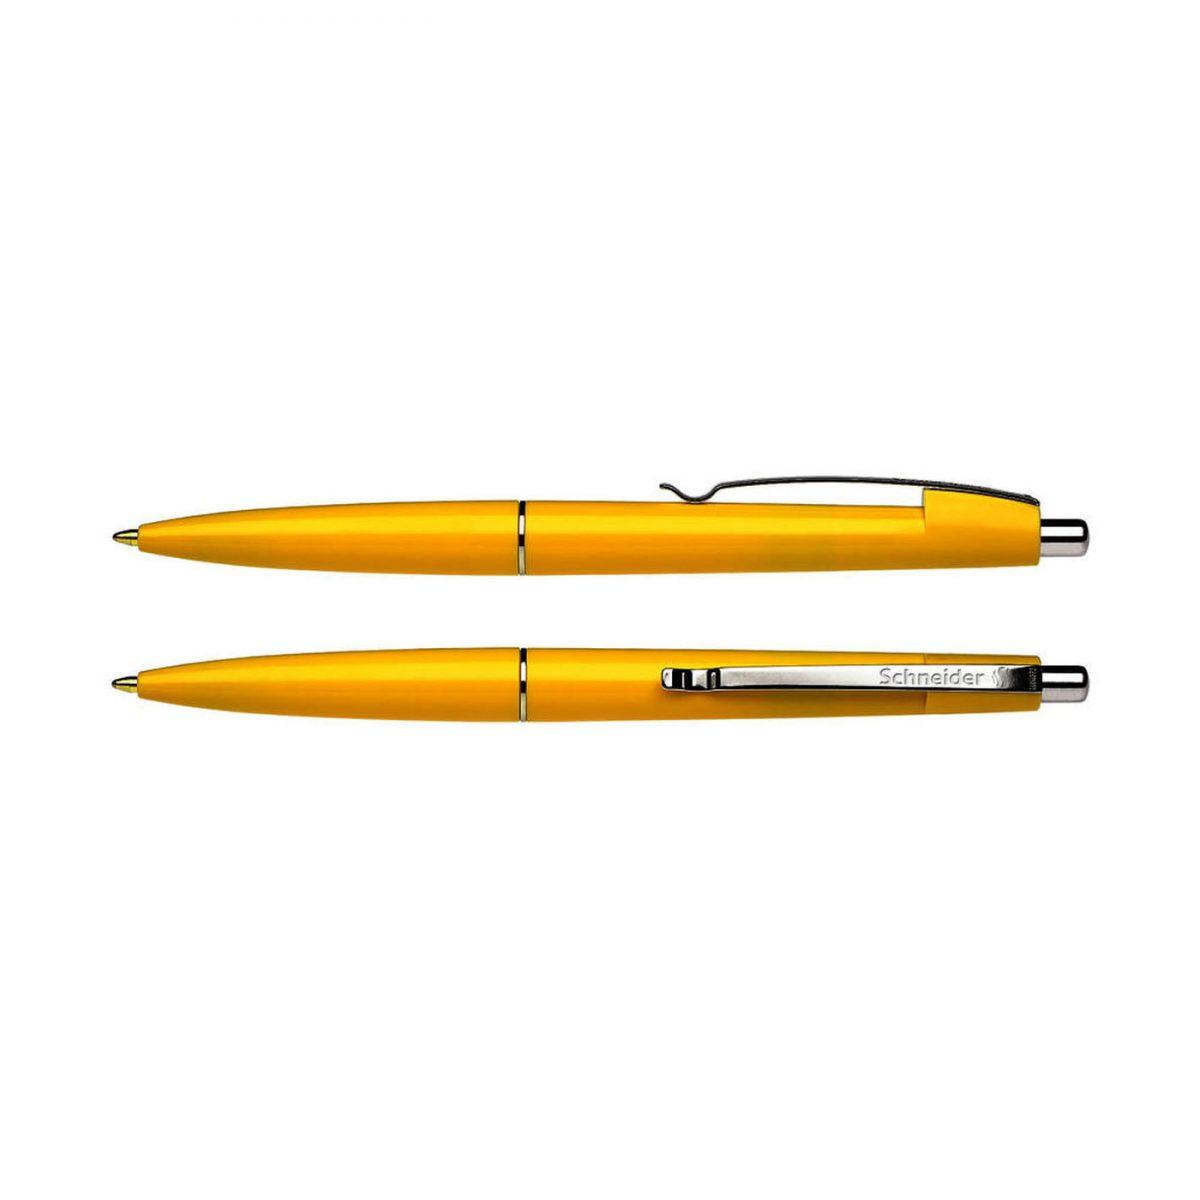 Pix SCHNEIDER Office, clema metalica, corp galben-portocaliu - scriere albastra